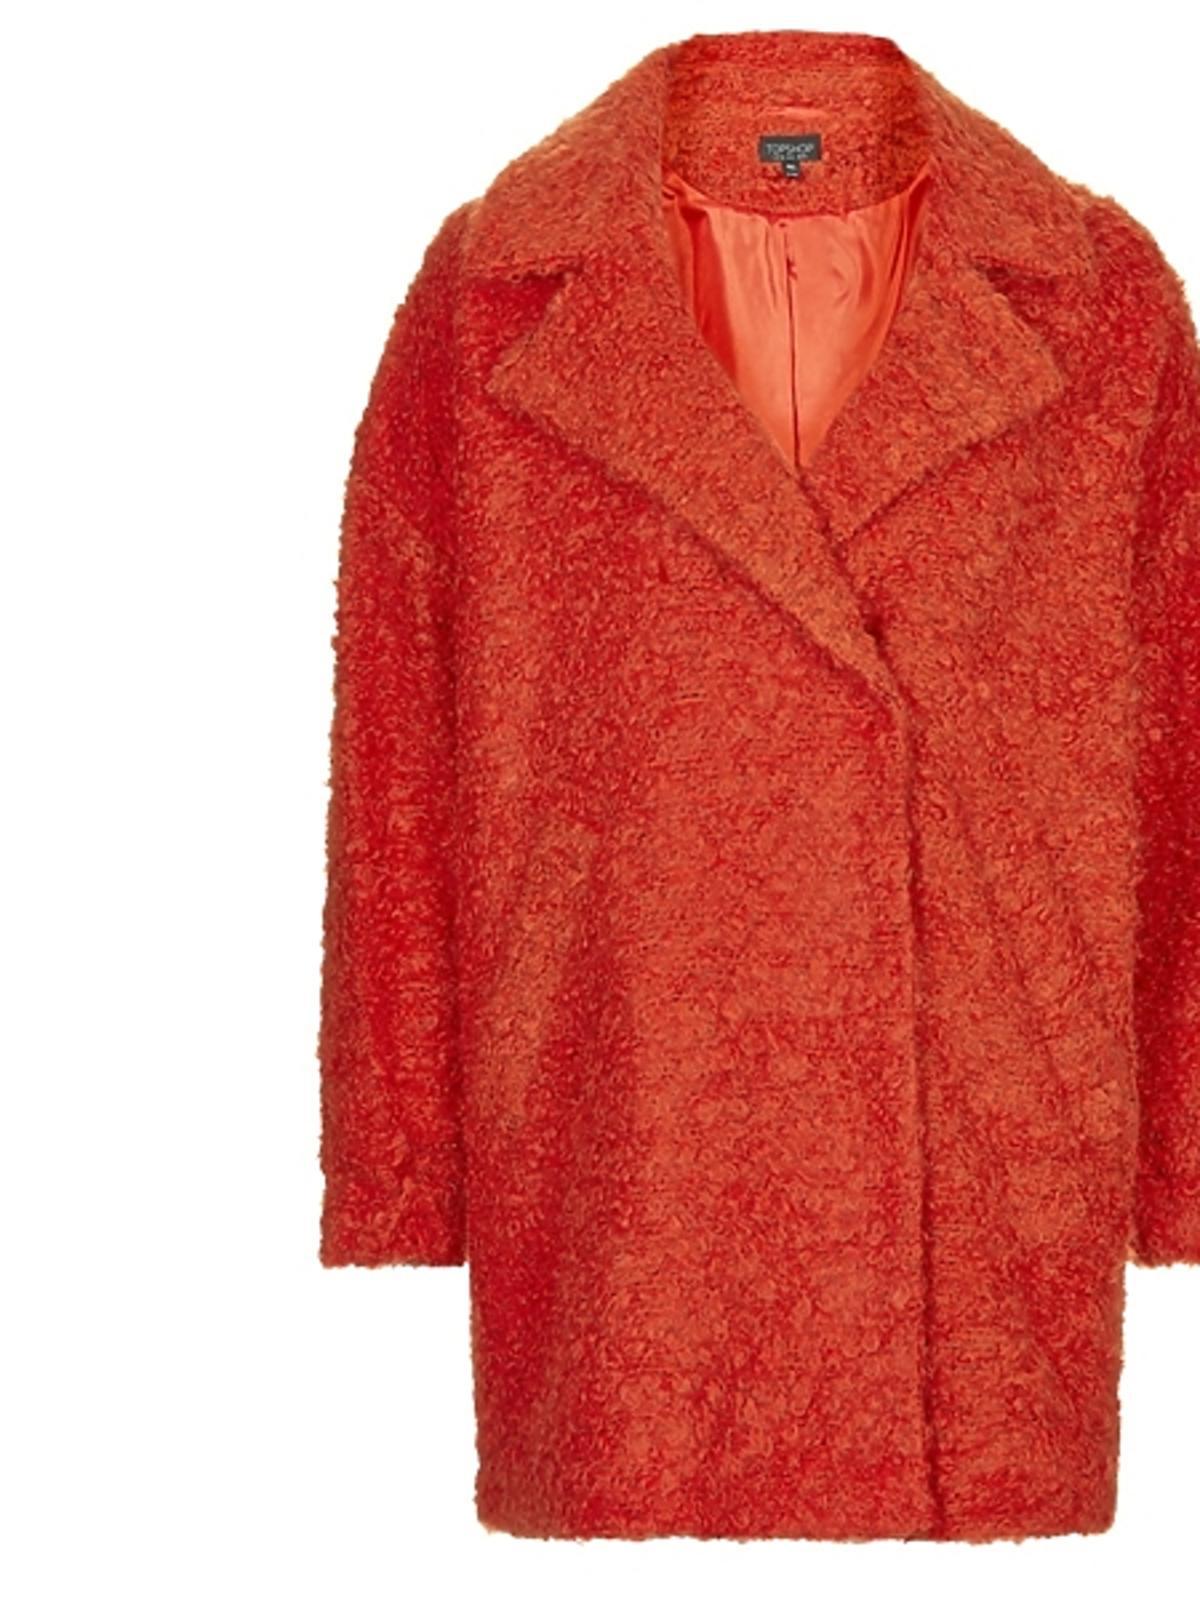 Czerwony płaszcz Topshop, cena